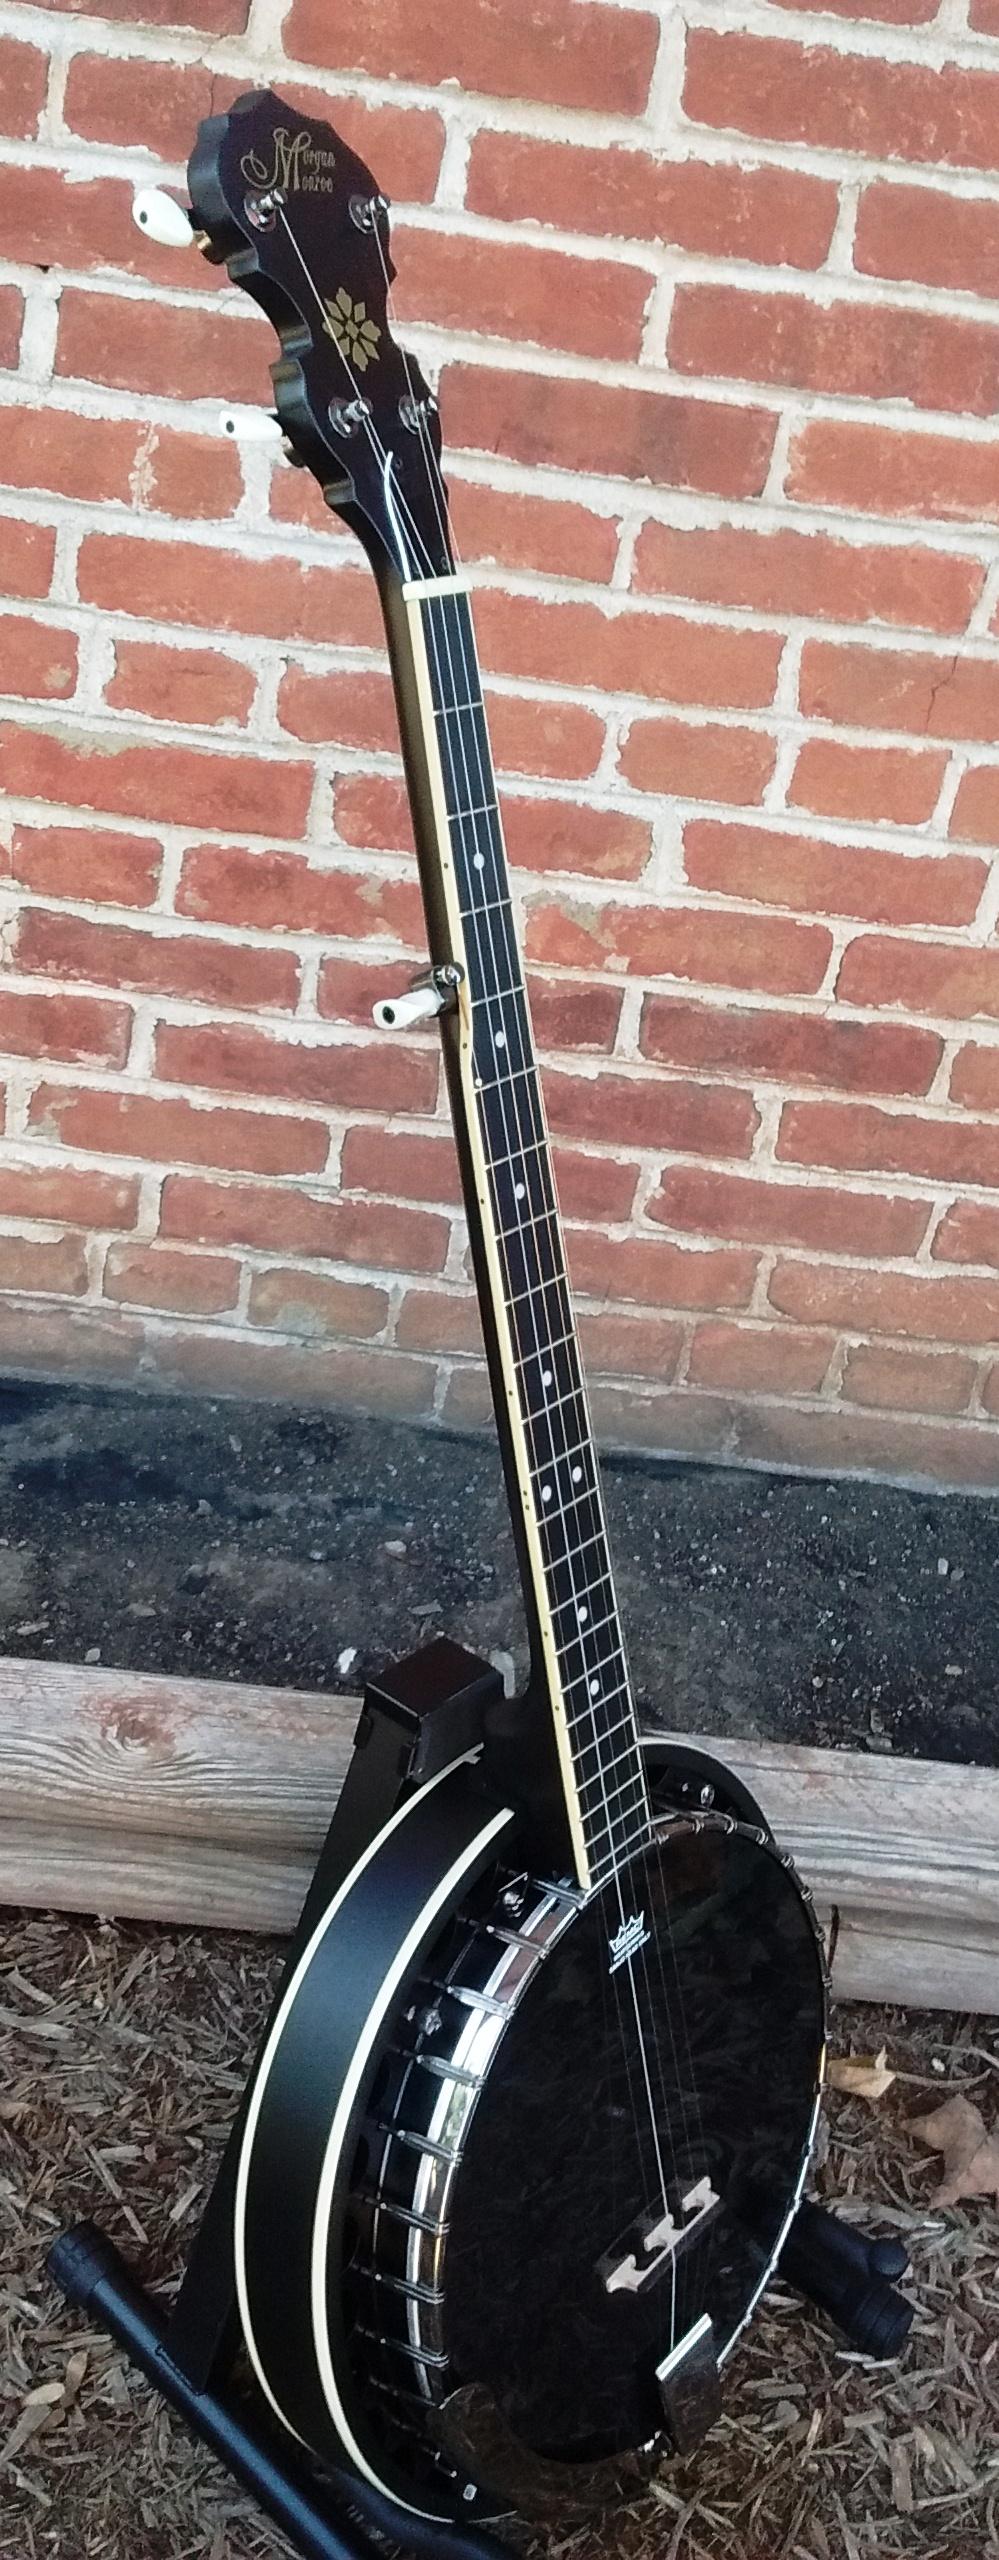 MB 75 BK - Black Banjo 1.jpg